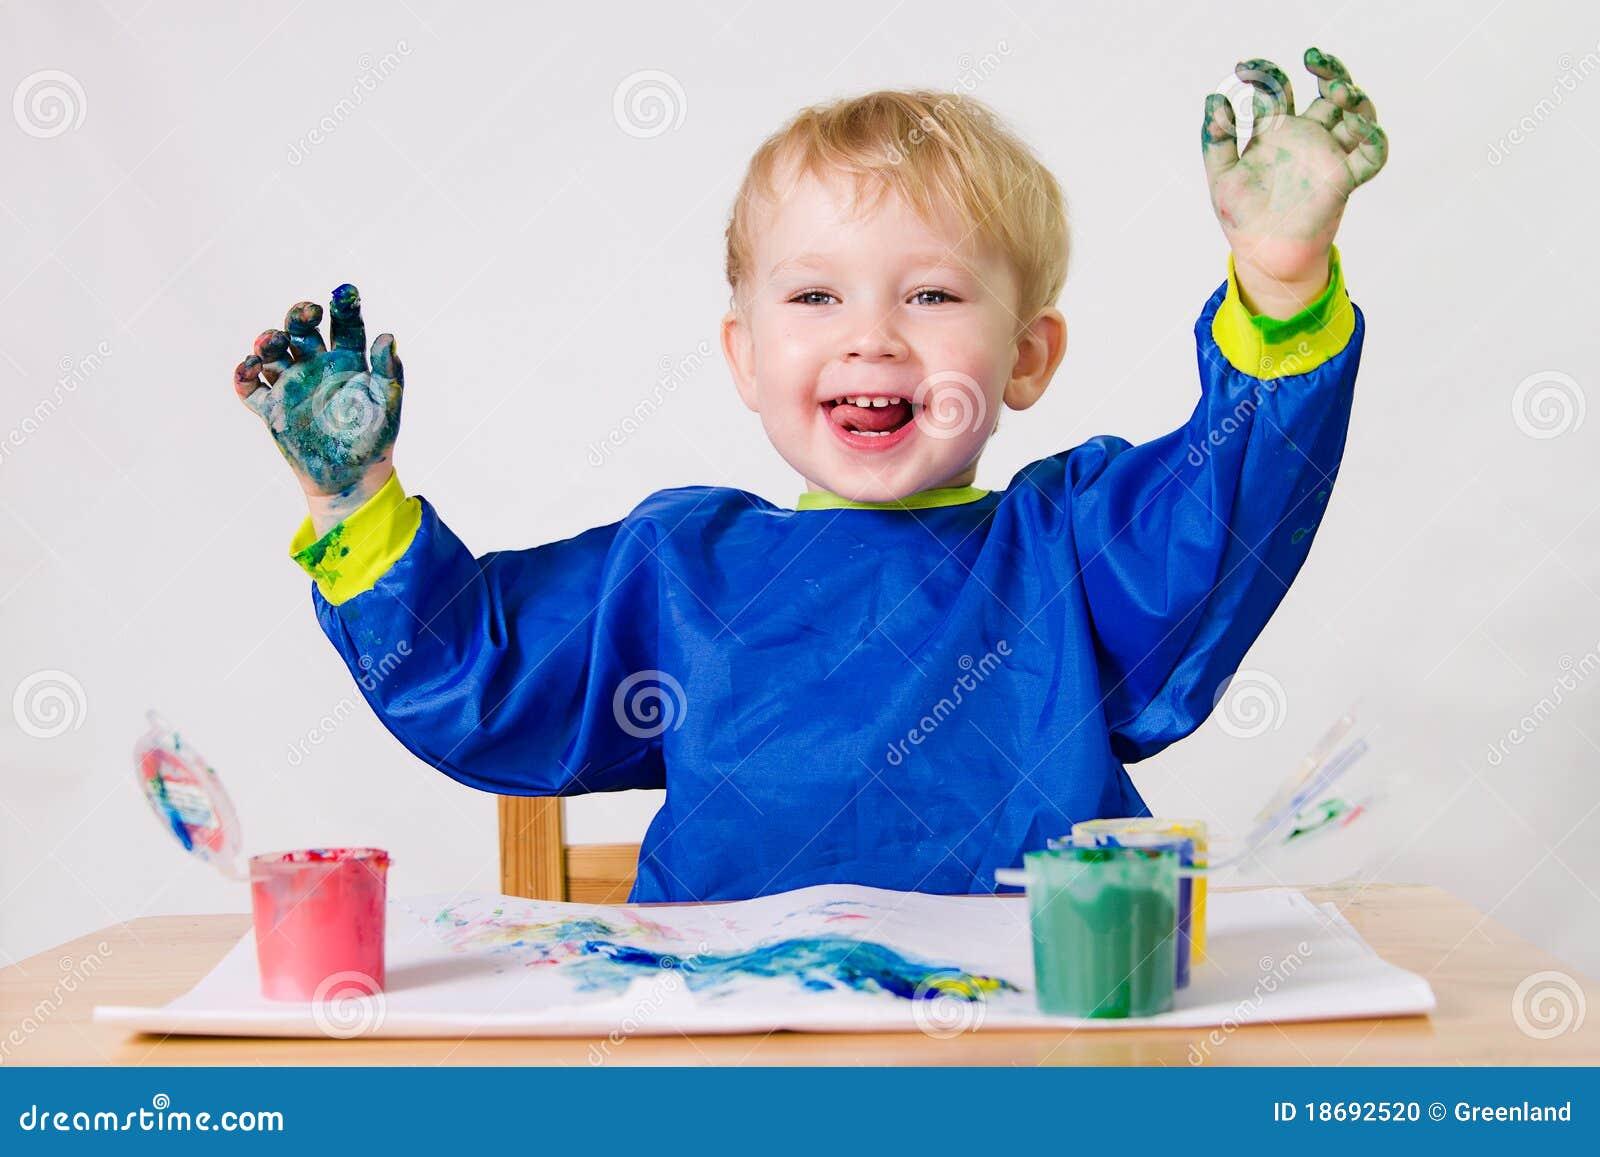 幼儿画画的照片